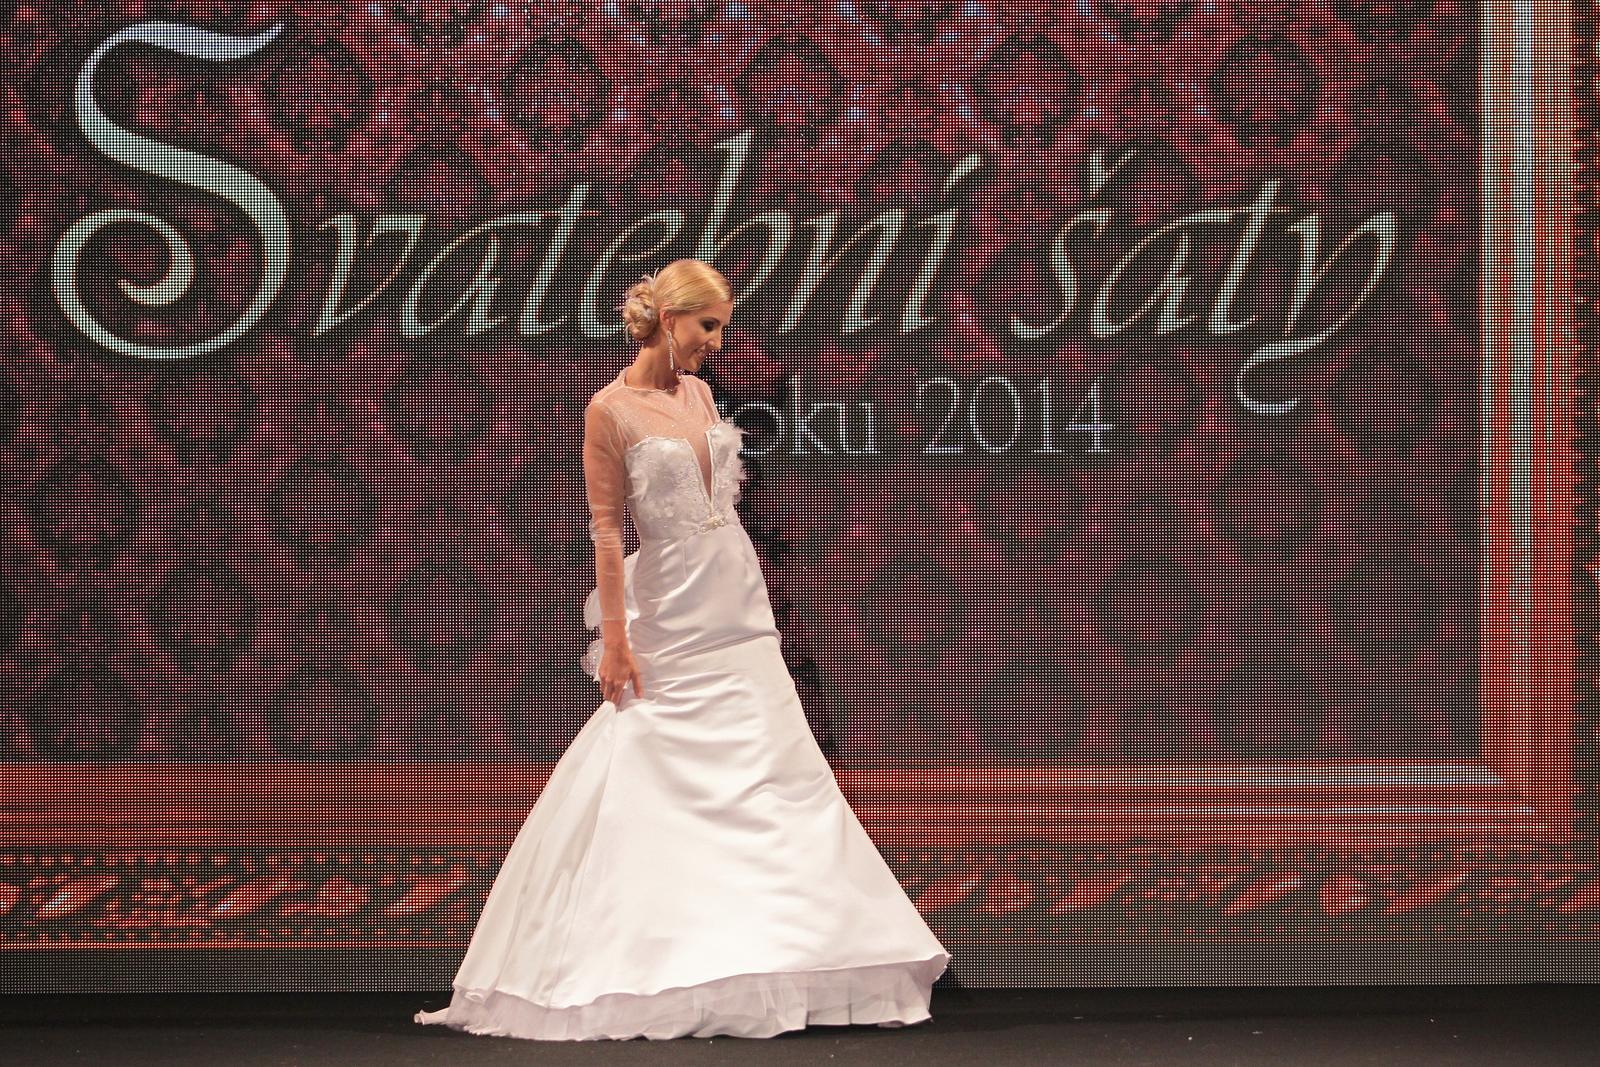 OdvarkaBijoux a Svatební šaty roku - Miss Liberec 2012 Andrea Kolářová